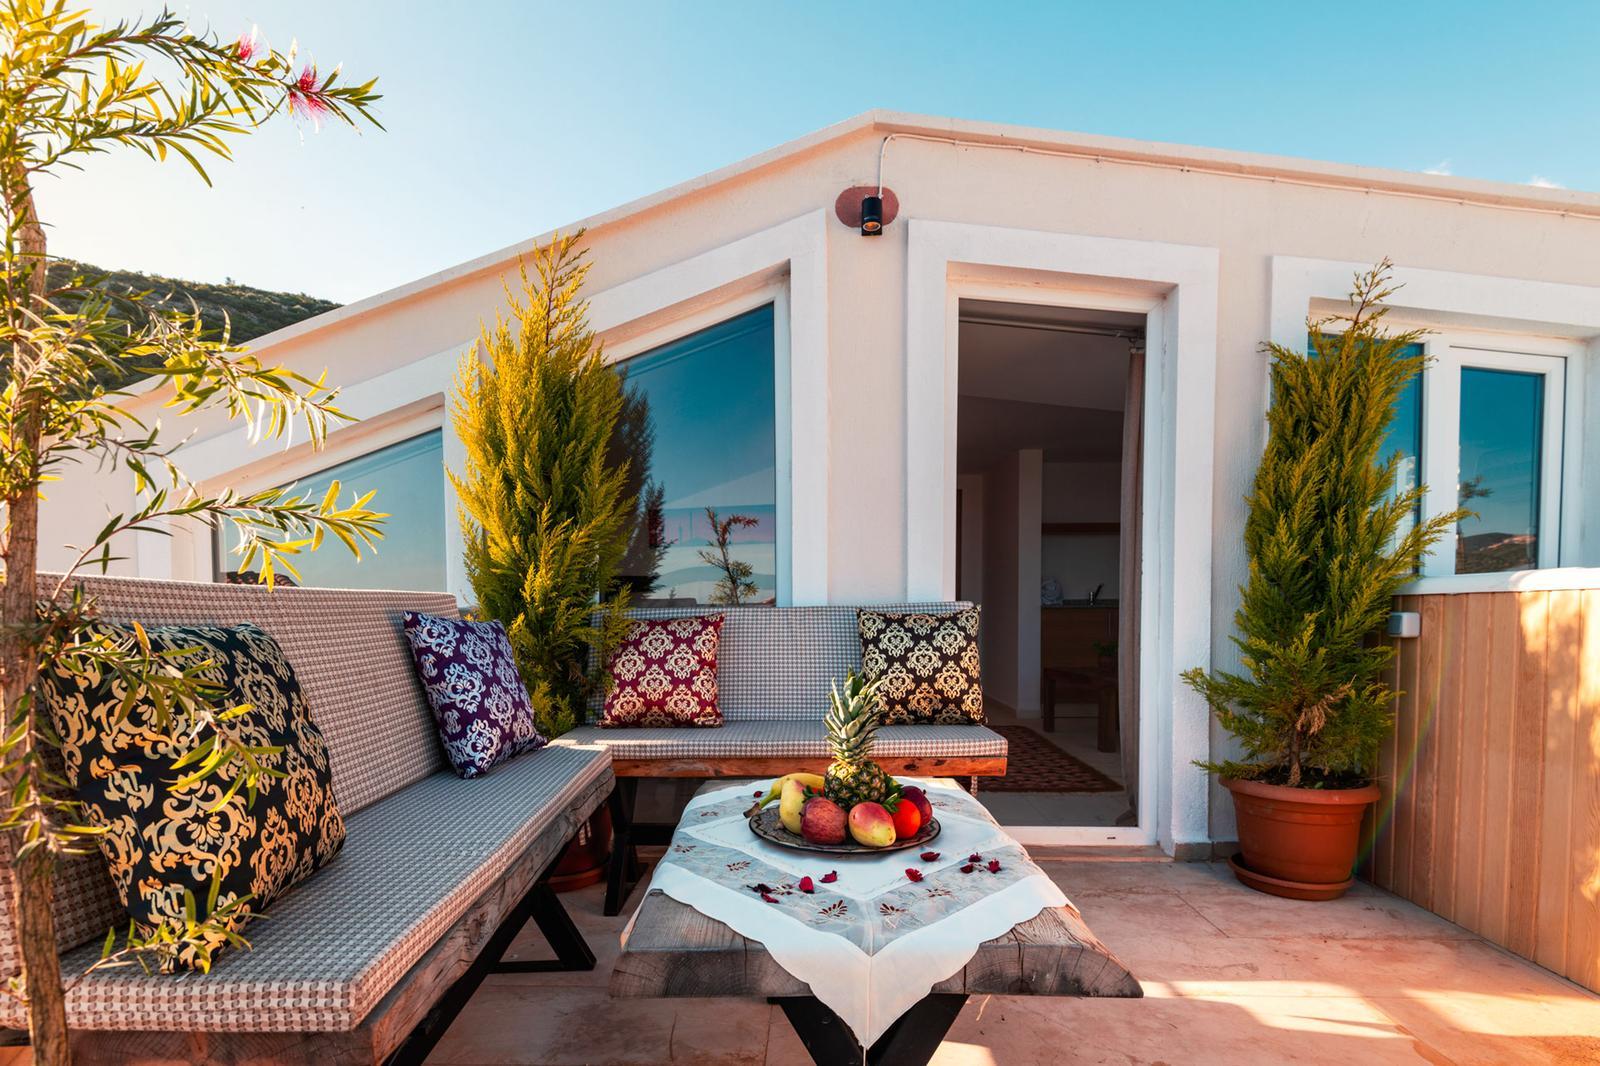 V838 roof terrace